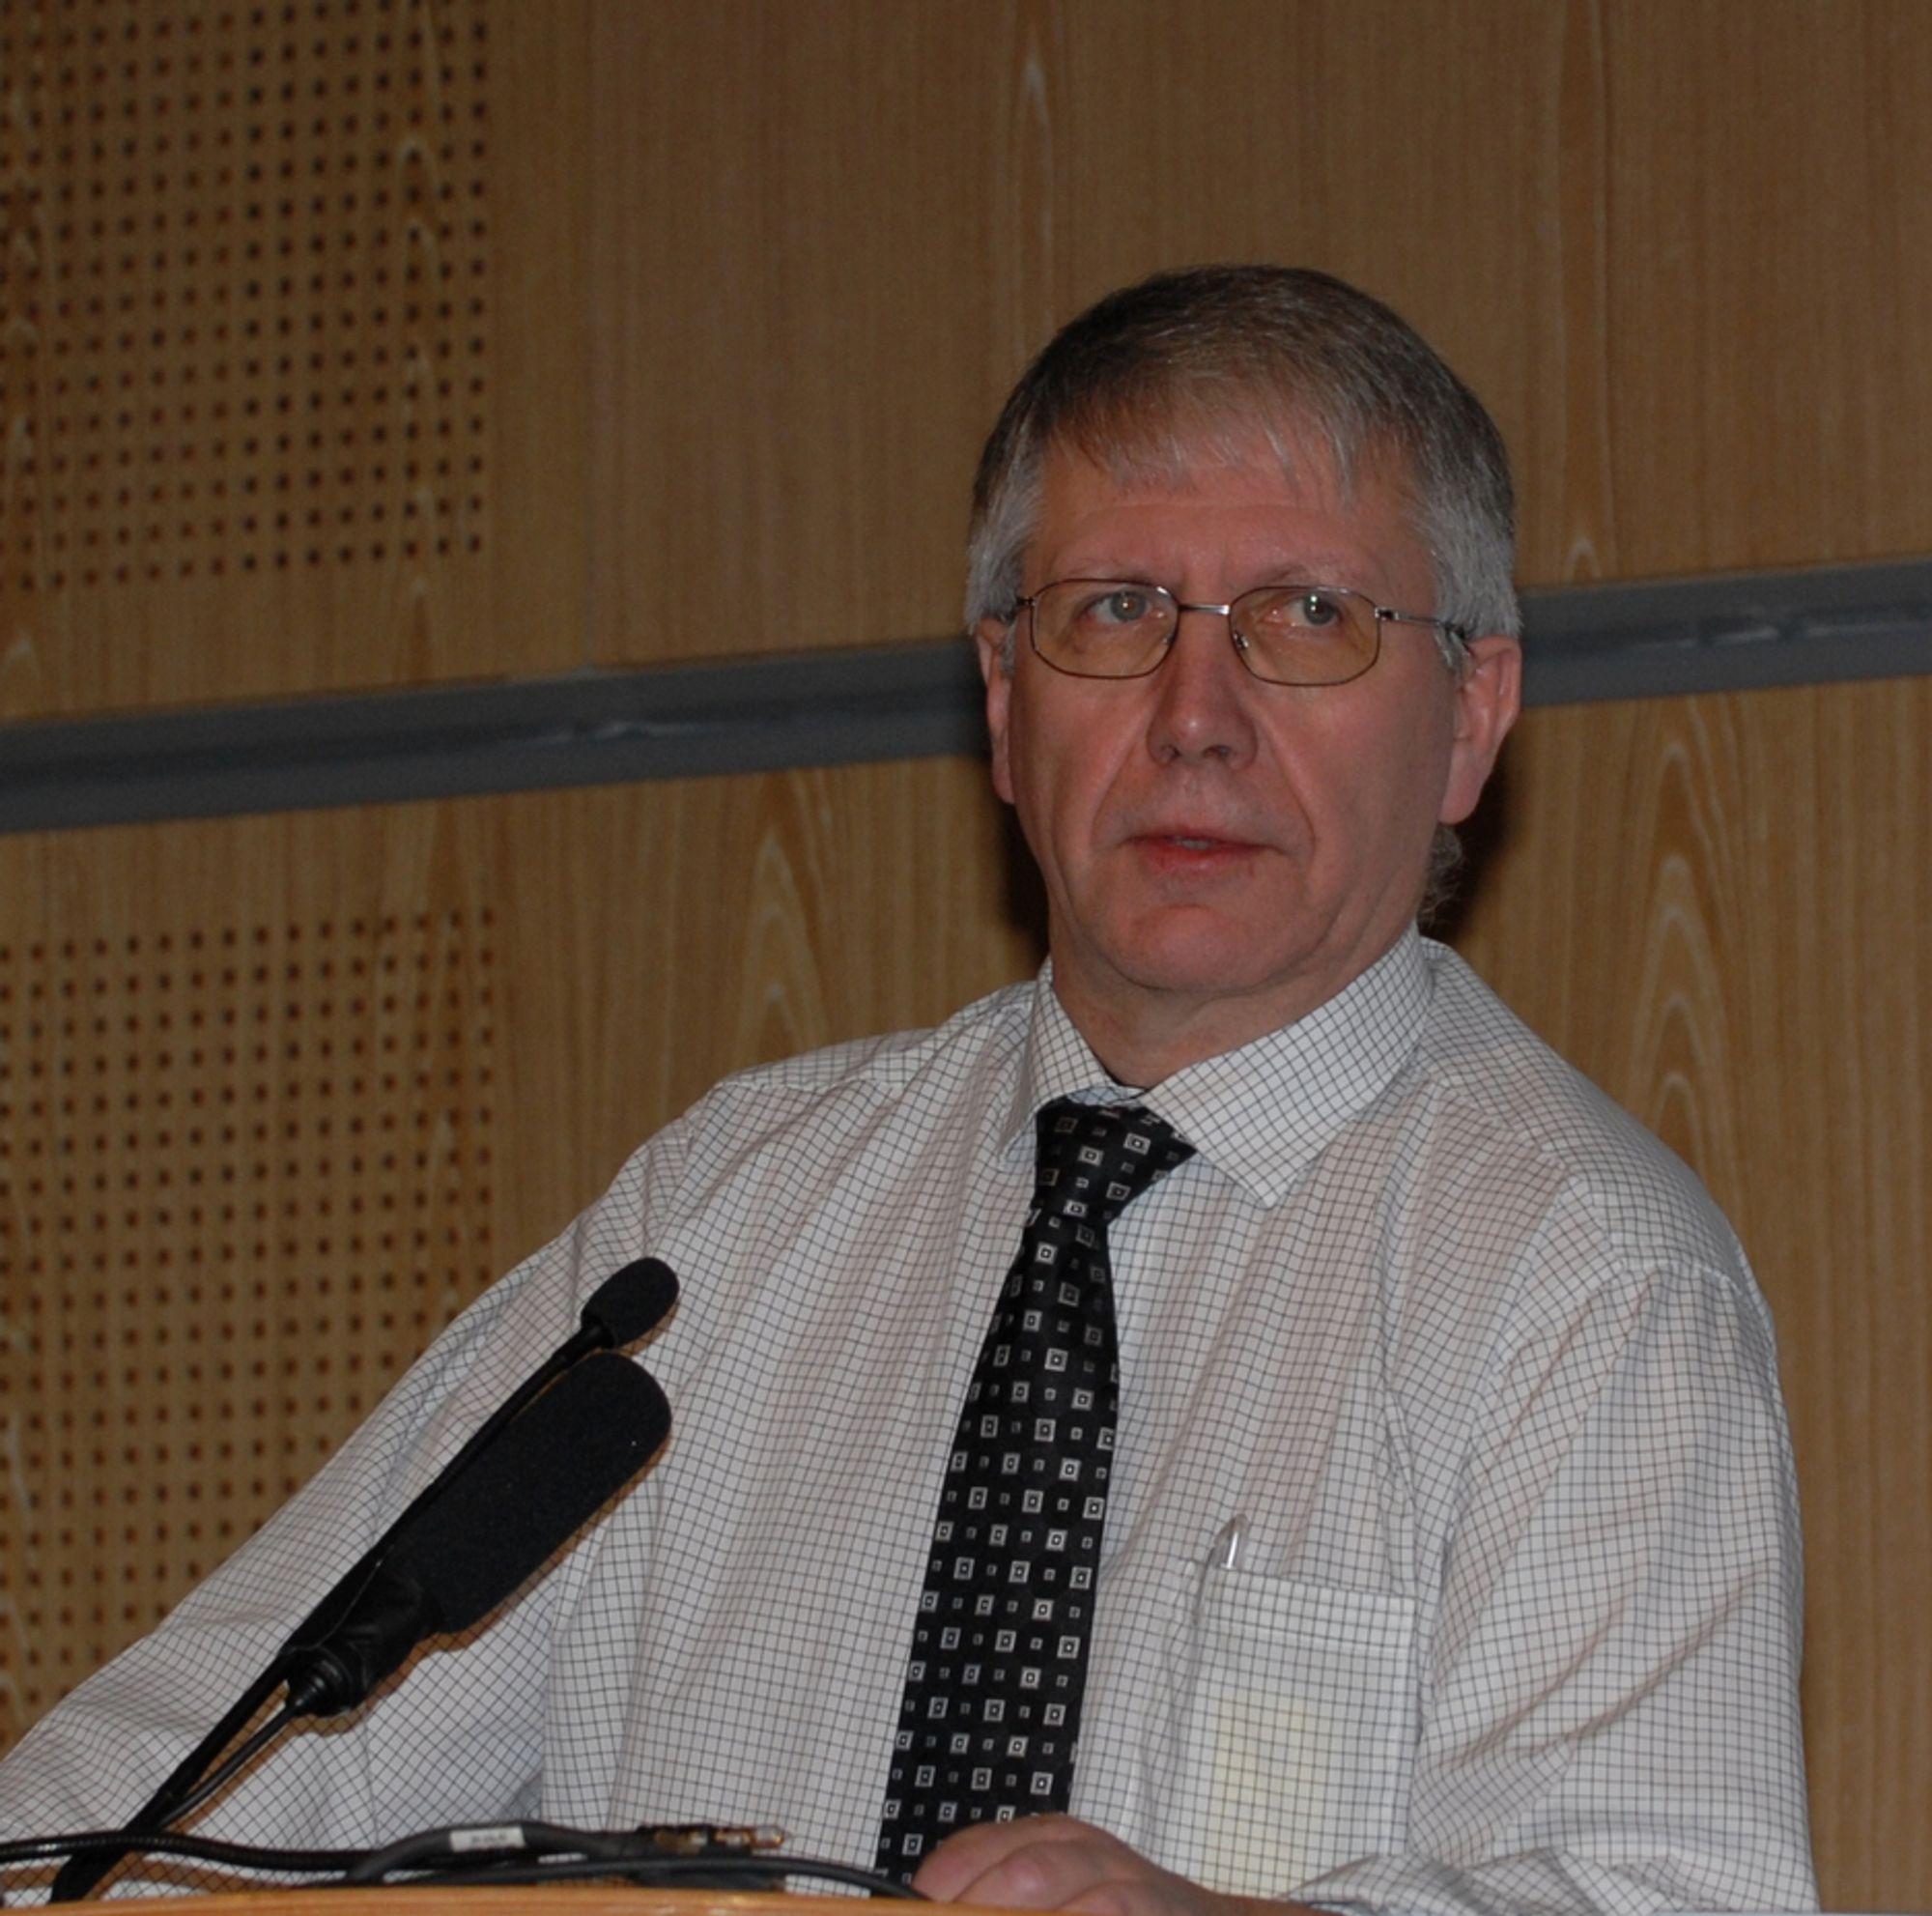 - Vi er klar til å øke aktiviteten betydelig, sier vegdirektør Terje Moe Gustavsen